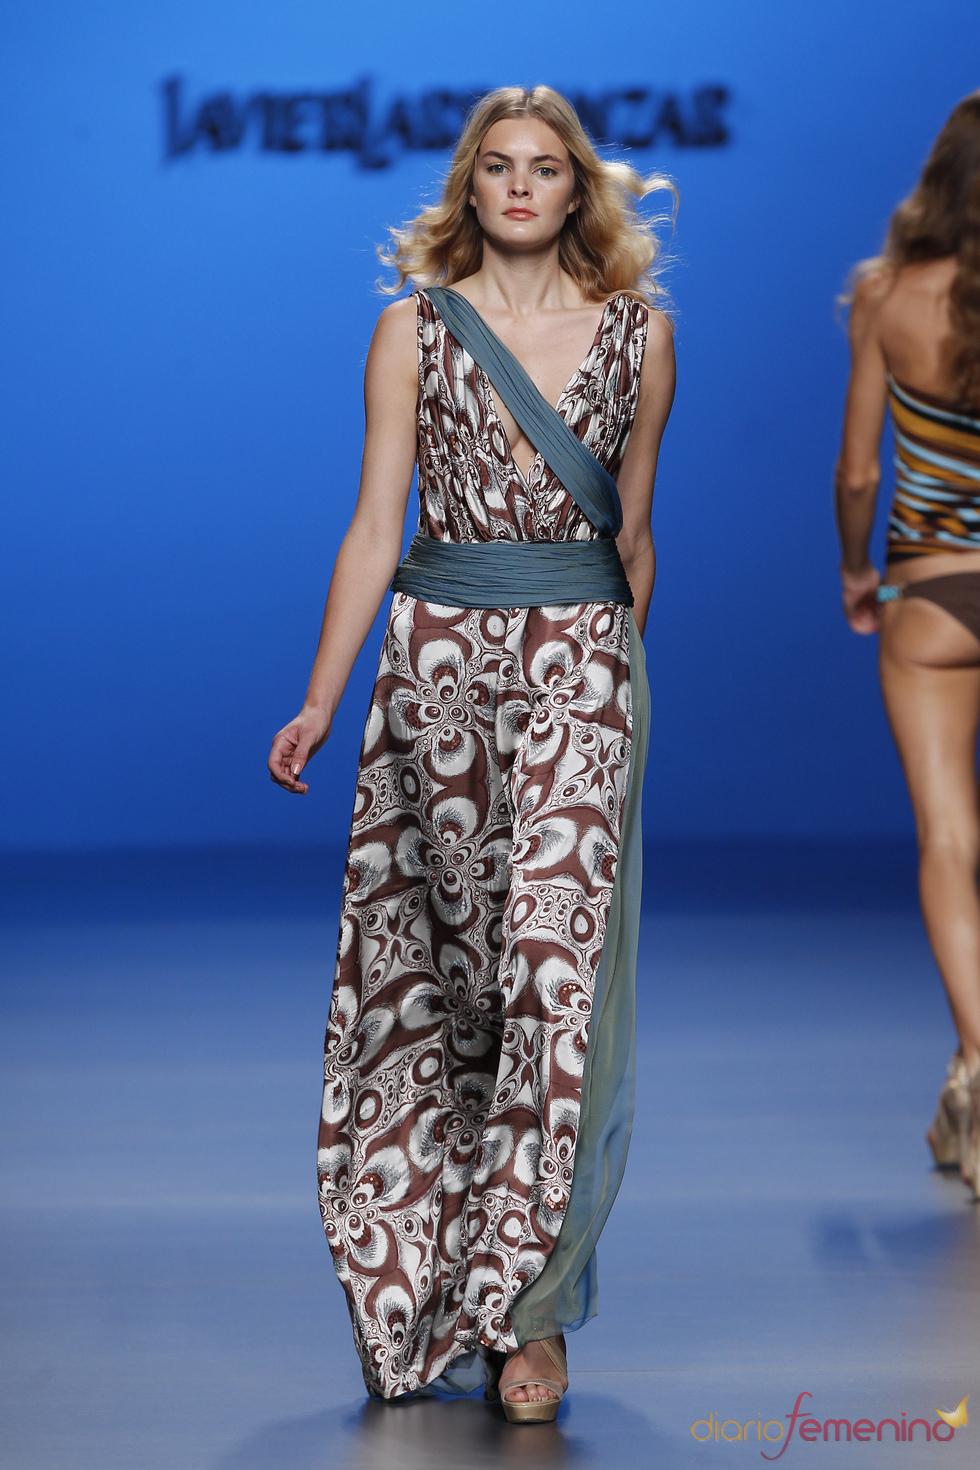 Vestido largo tipo helénico, primavera-verano 2011 de Javier Larrainzar